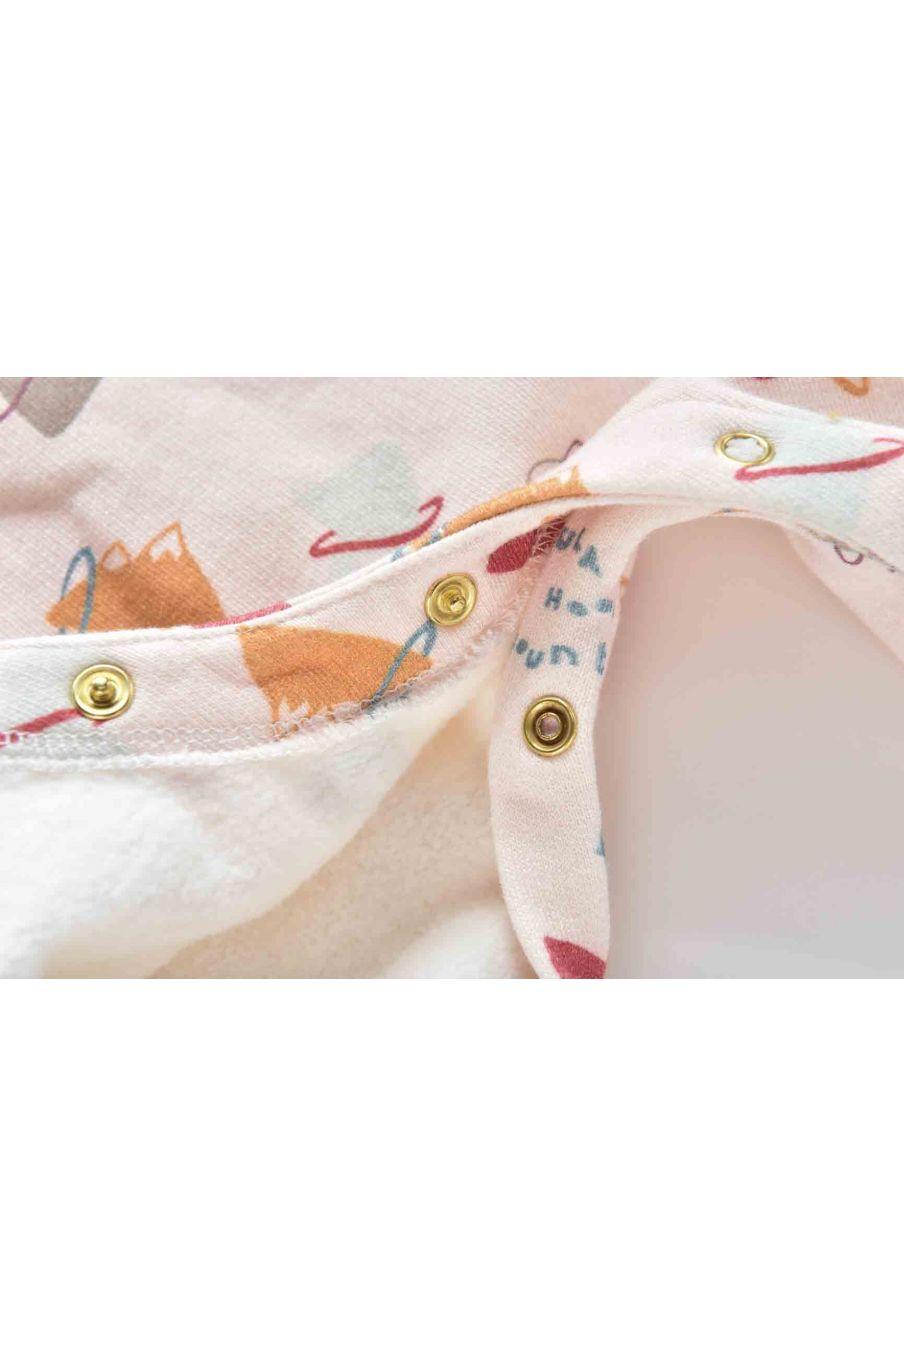 combinaison bebe garcon arin cream mountains - louise misha